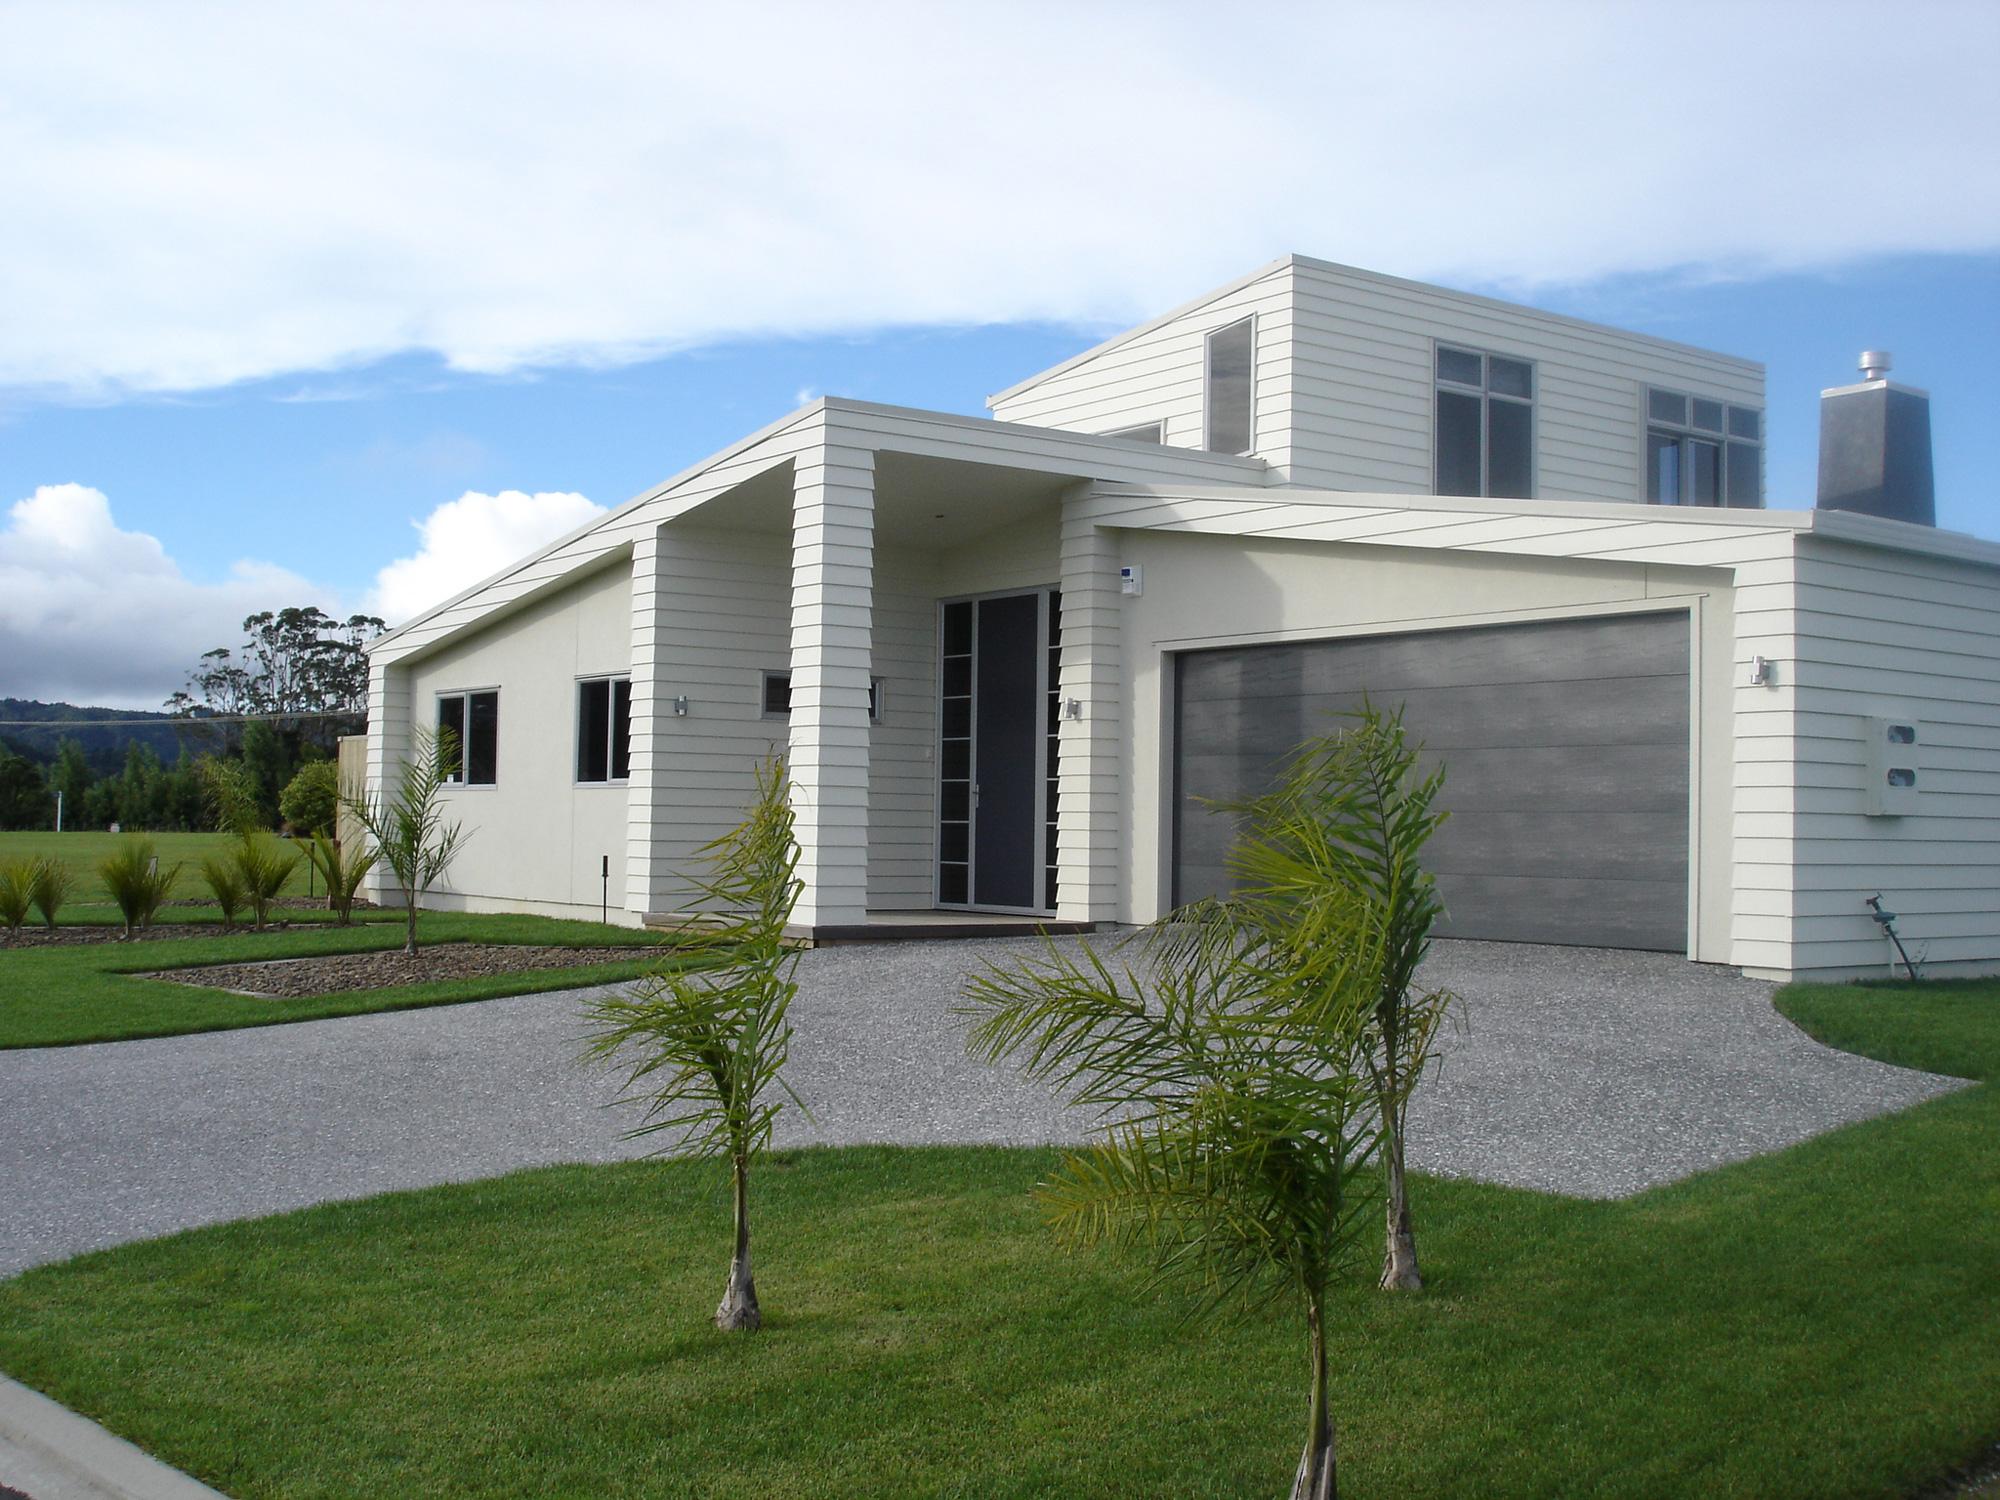 haven-builder-bach-hei-esplanade-7.jpg